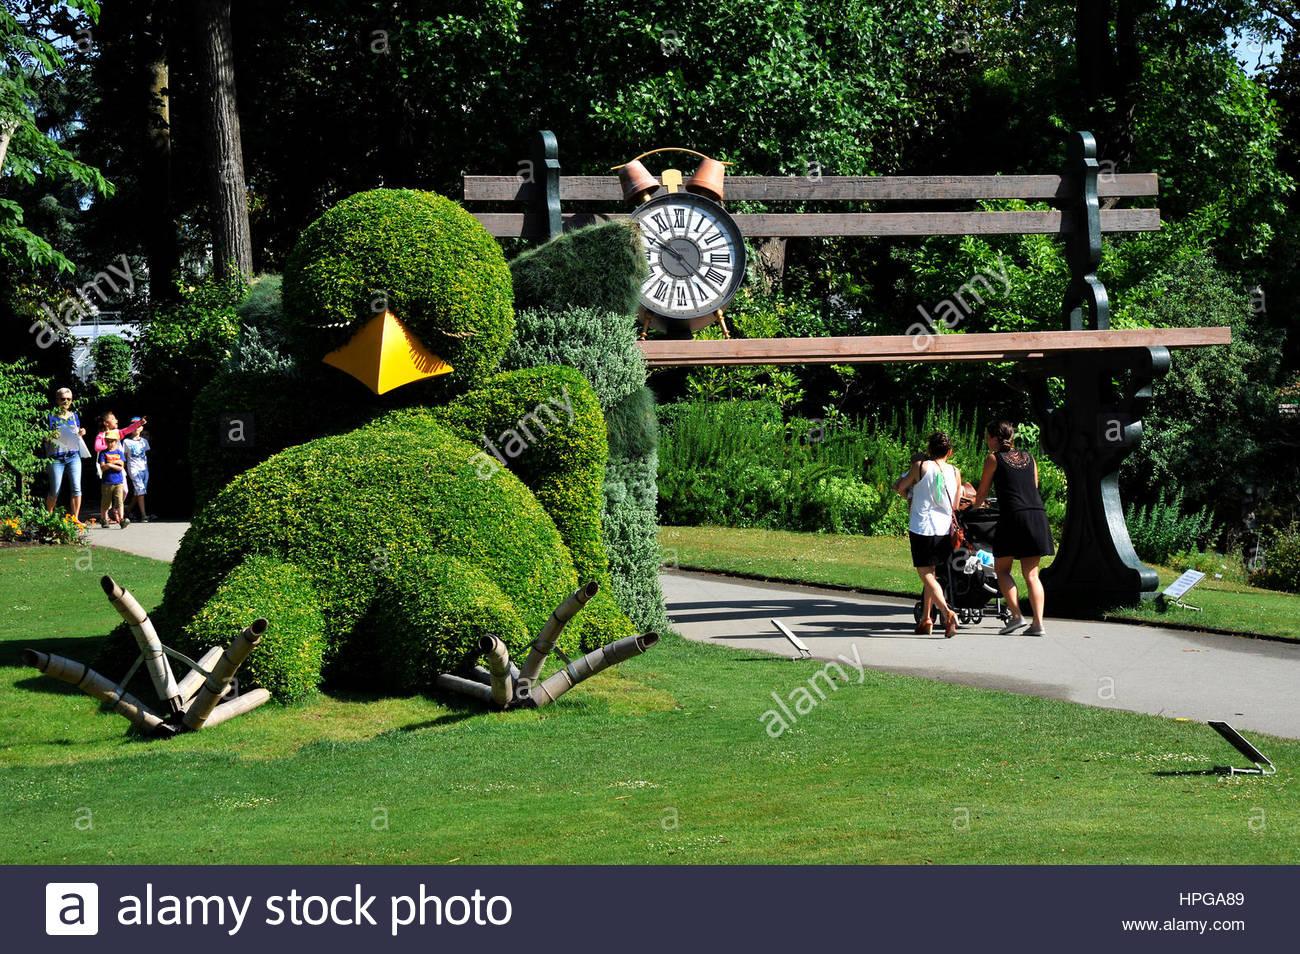 france loire atlantique nantes jardin des plantes artistic plant creation HPGA89